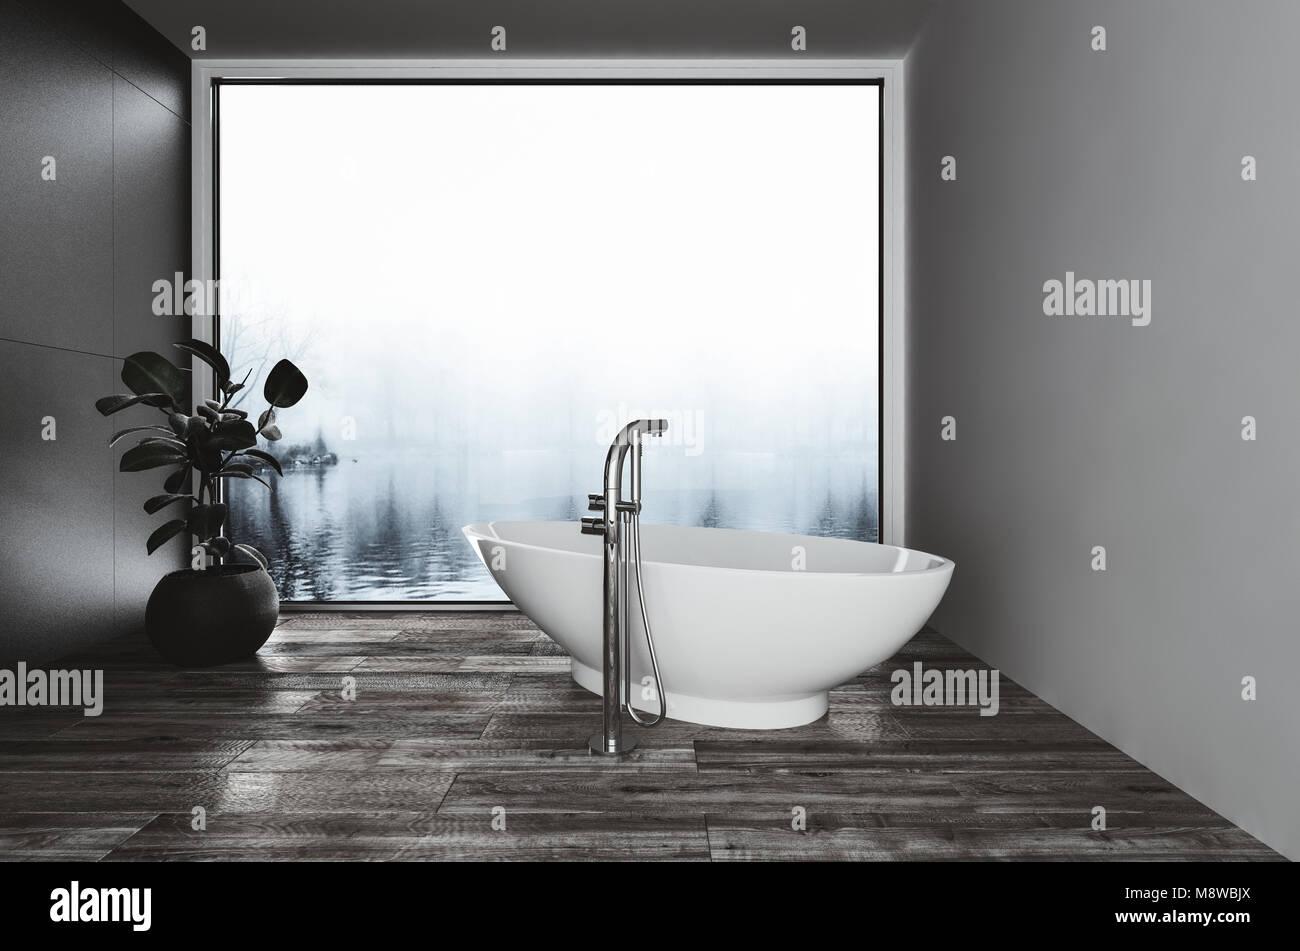 En forme de bateau moderne baignoire dans une salle de bains corner ...